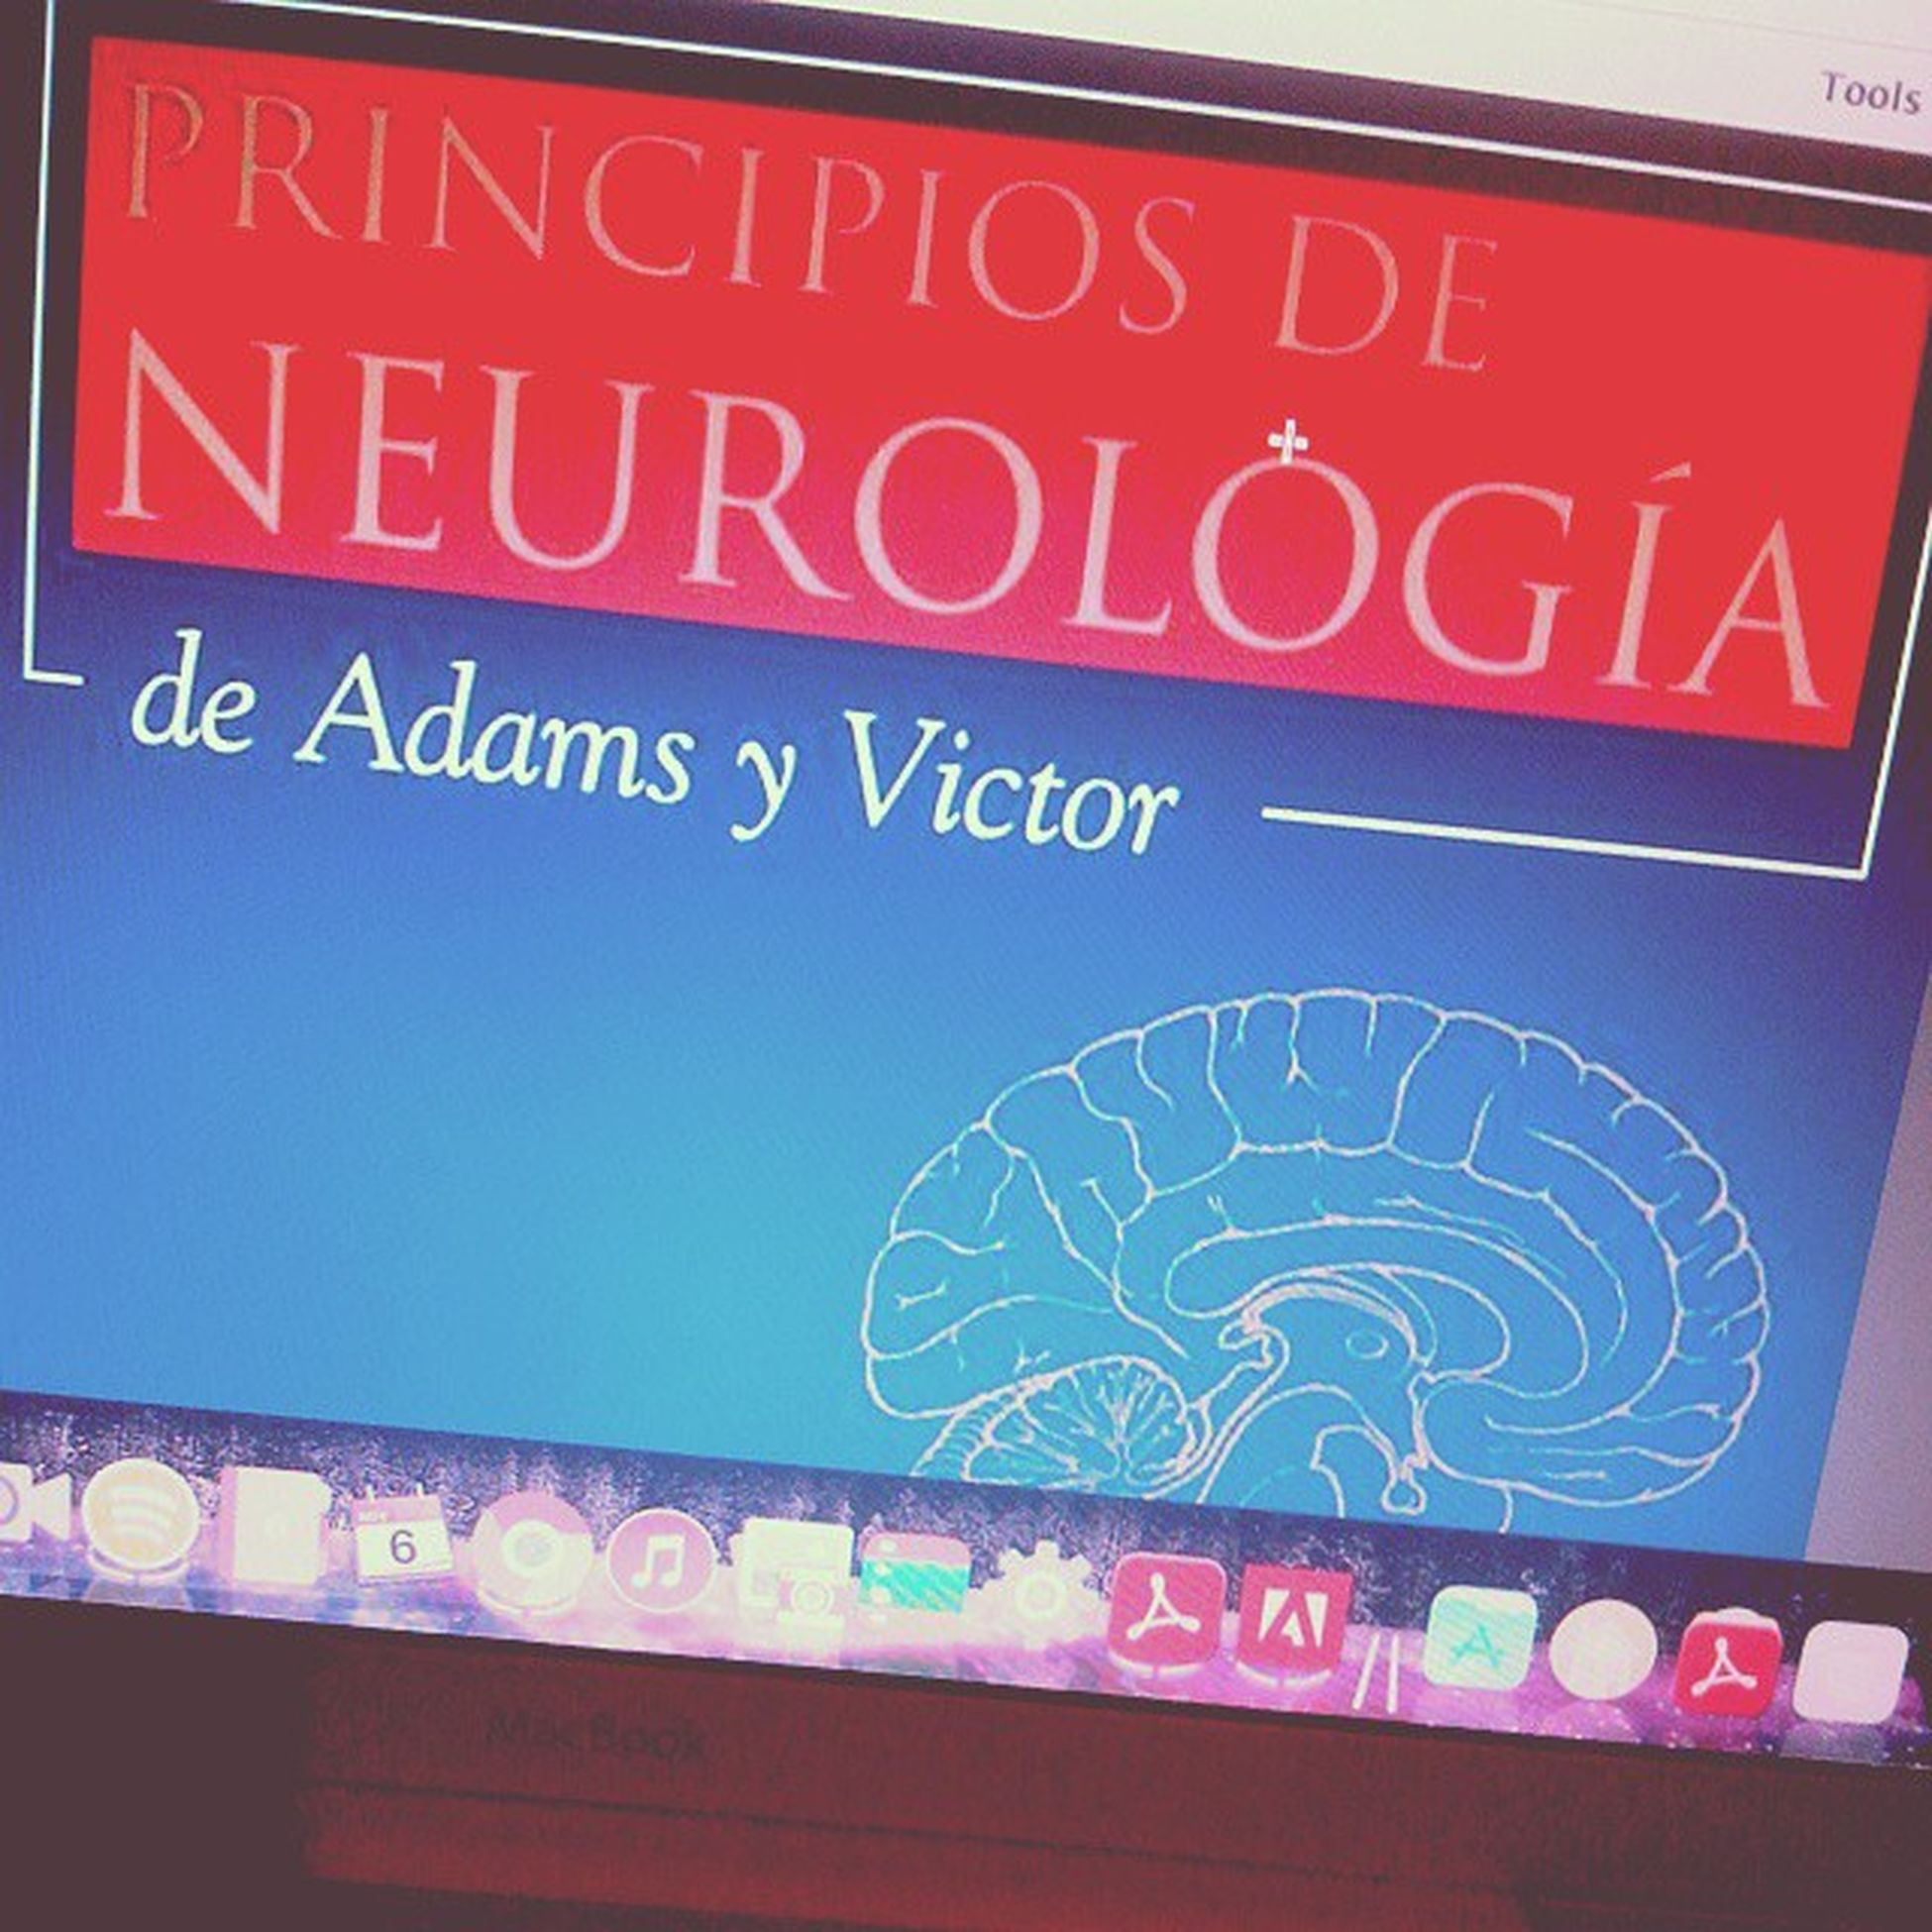 Principios de Neurologia Libro Regalo ???